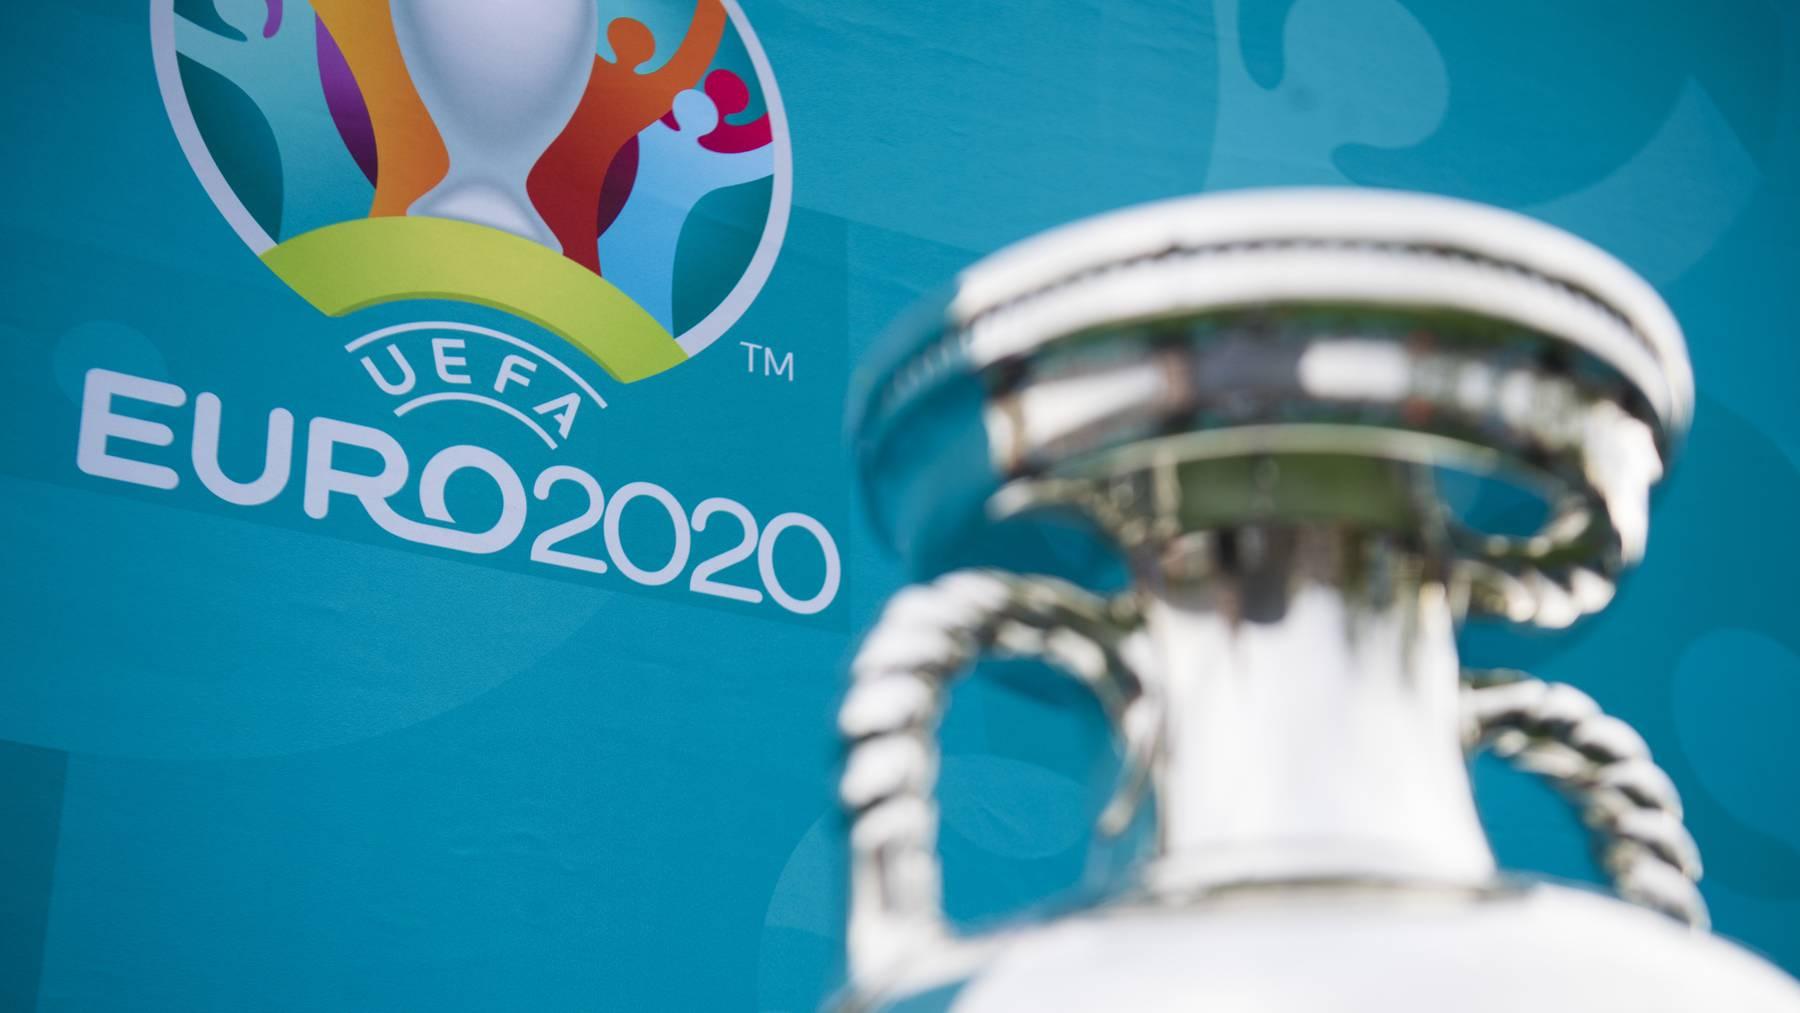 Euro 2020 Logo und Pokal